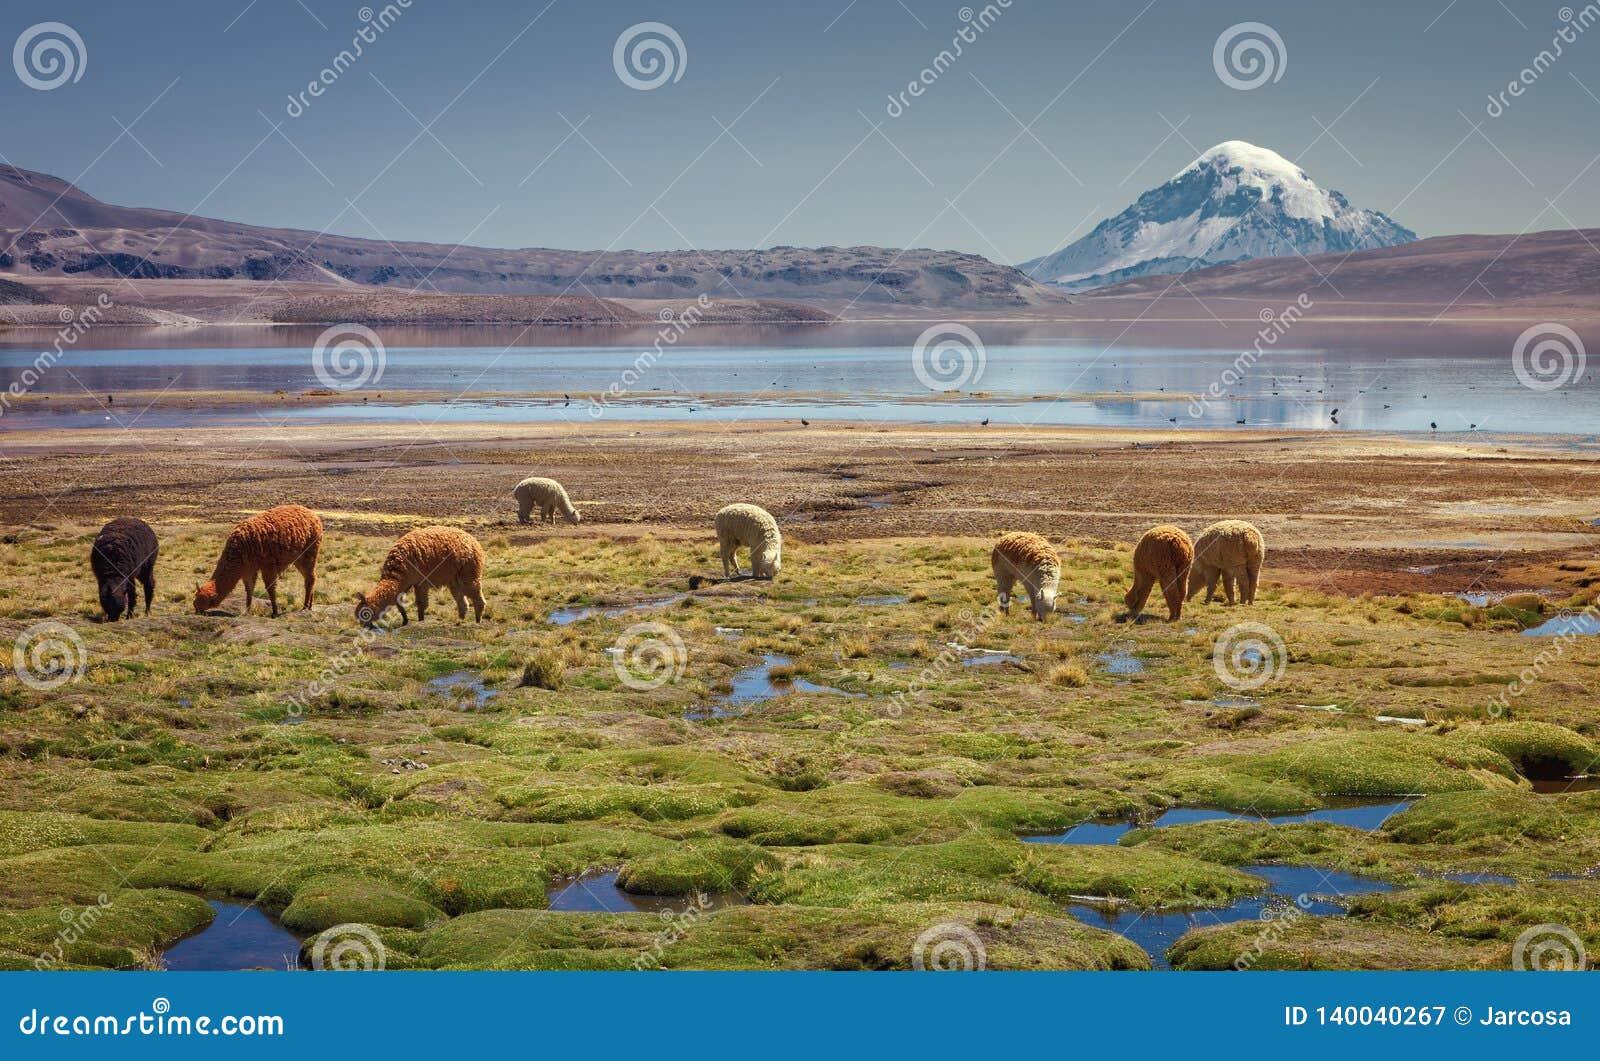 Pacos do Vicugna da alpaca que pastam na costa do lago Chungara na base do vulcão de Sajama, no Chile do norte